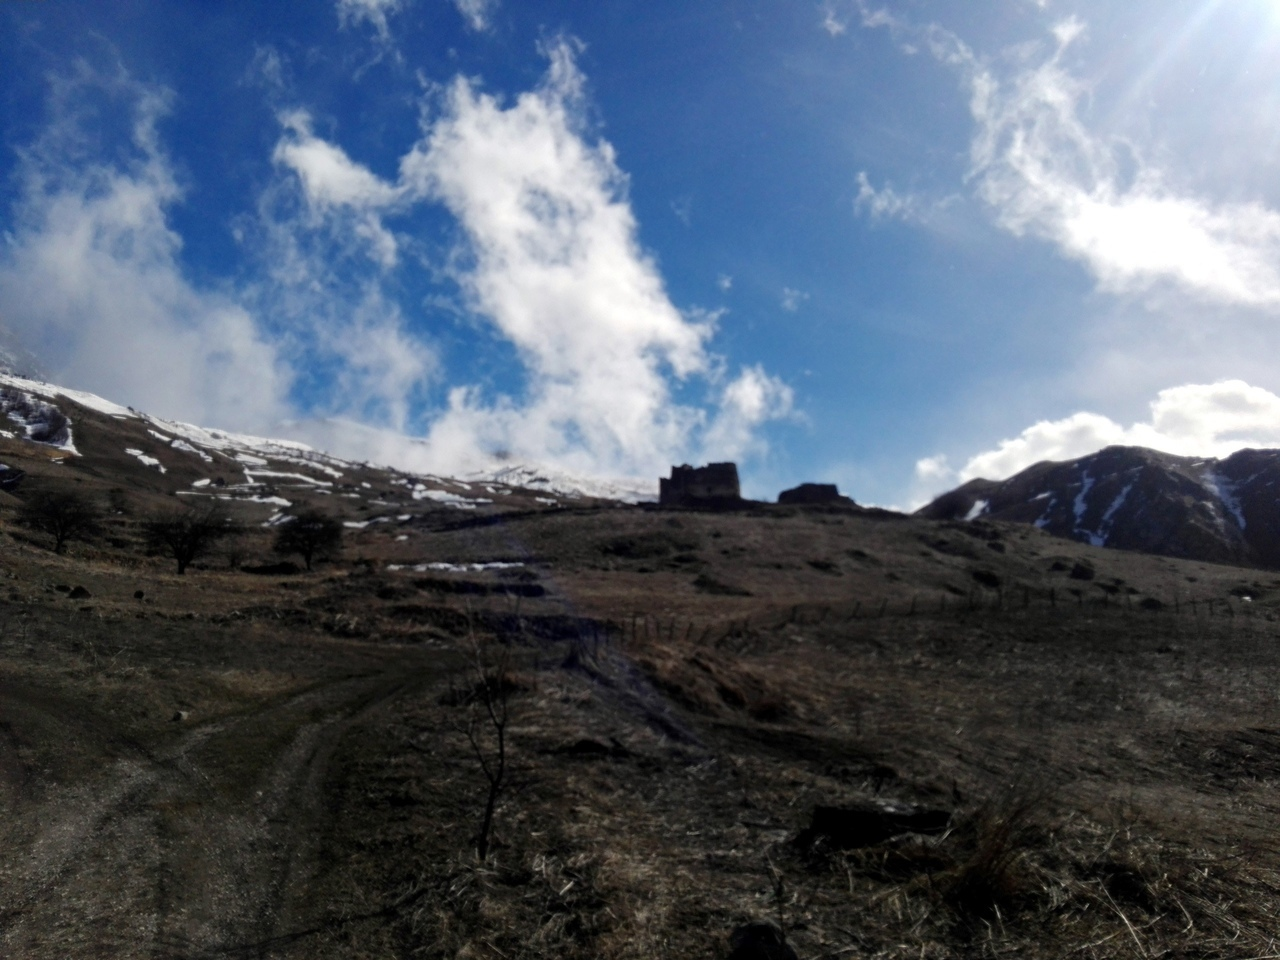 Замок-фрегат, Дигорское ущелье республики Северная Осетия.